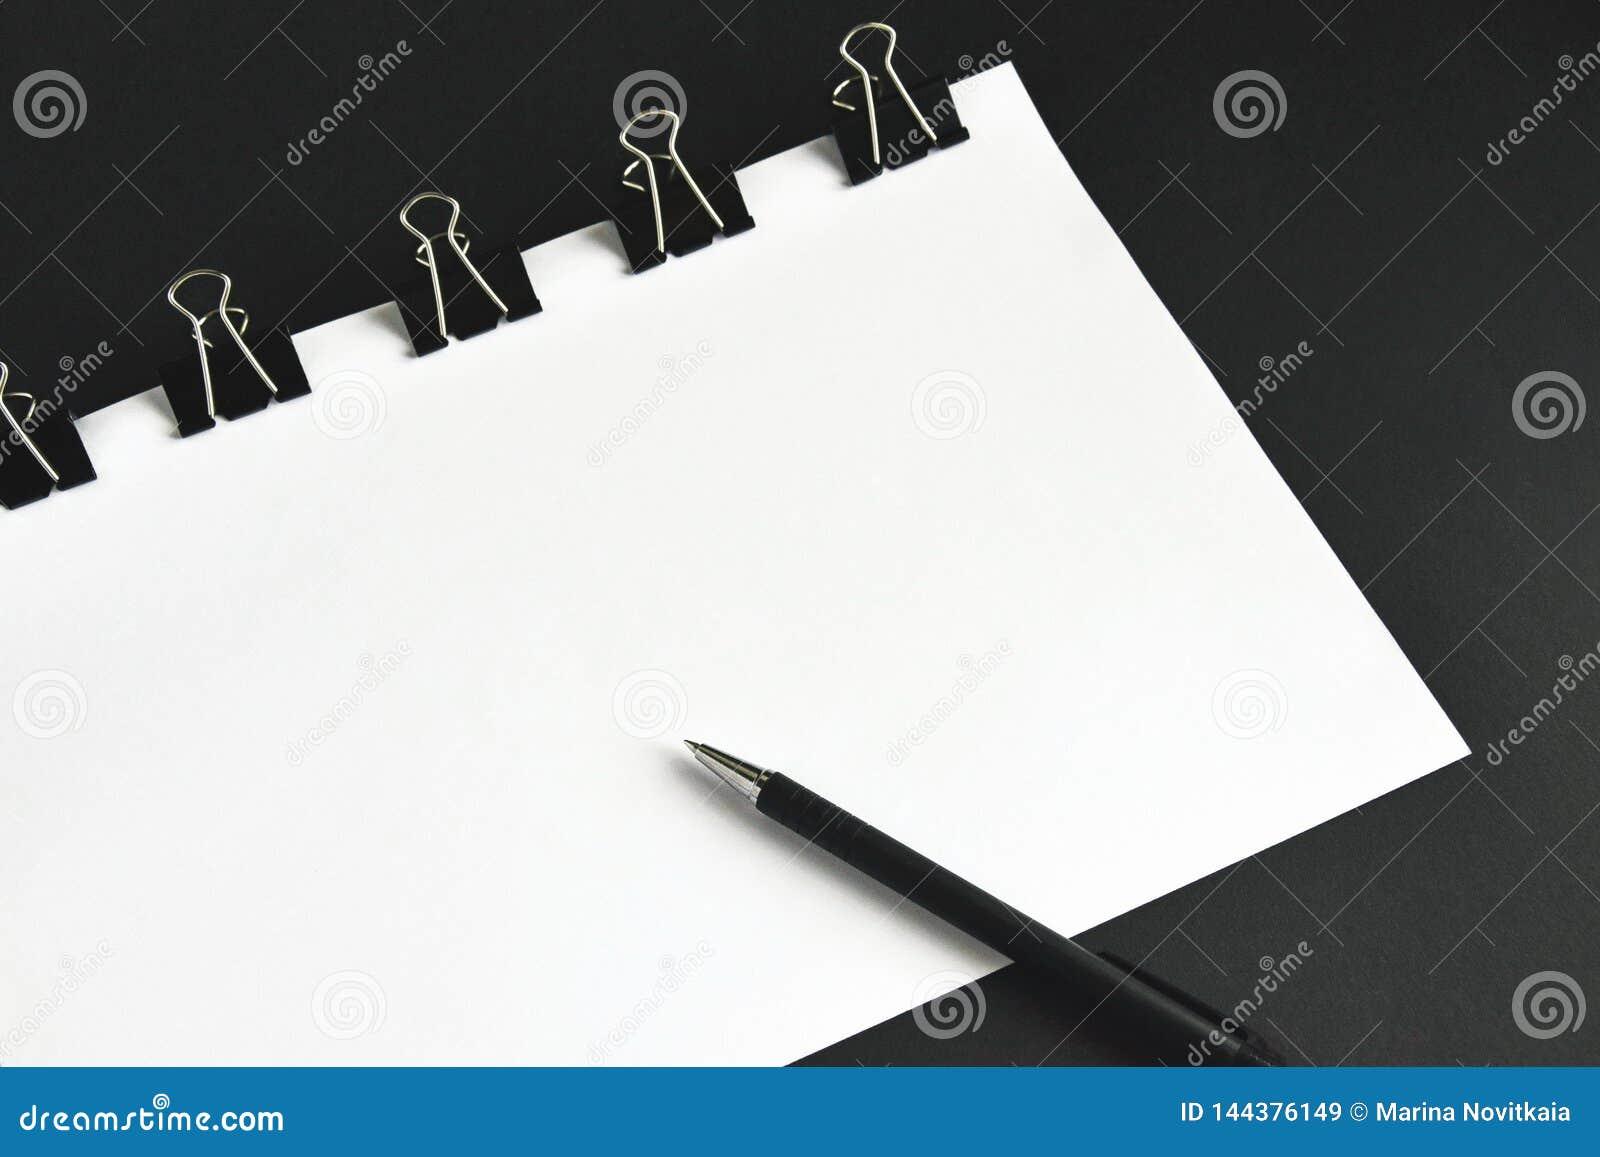 Bureautoebehoren, witte bladen, pen en bindmiddelenklem